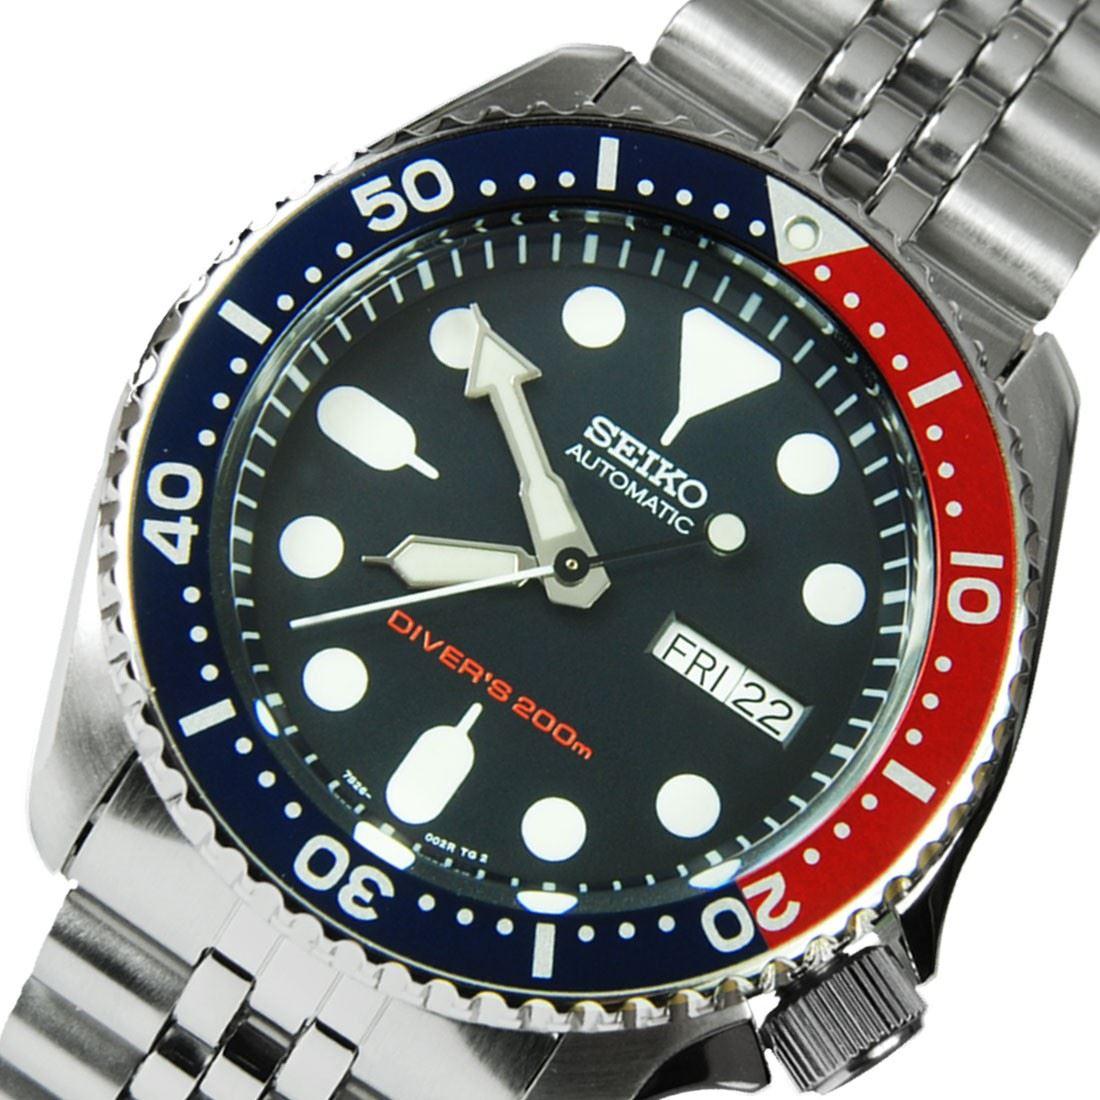 TOP-SELLING-Seiko-SKX009-SKX009J1-SKX009J2-SKX009K1-SKX009K2-Pepsi-Dive-Watch thumbnail 29